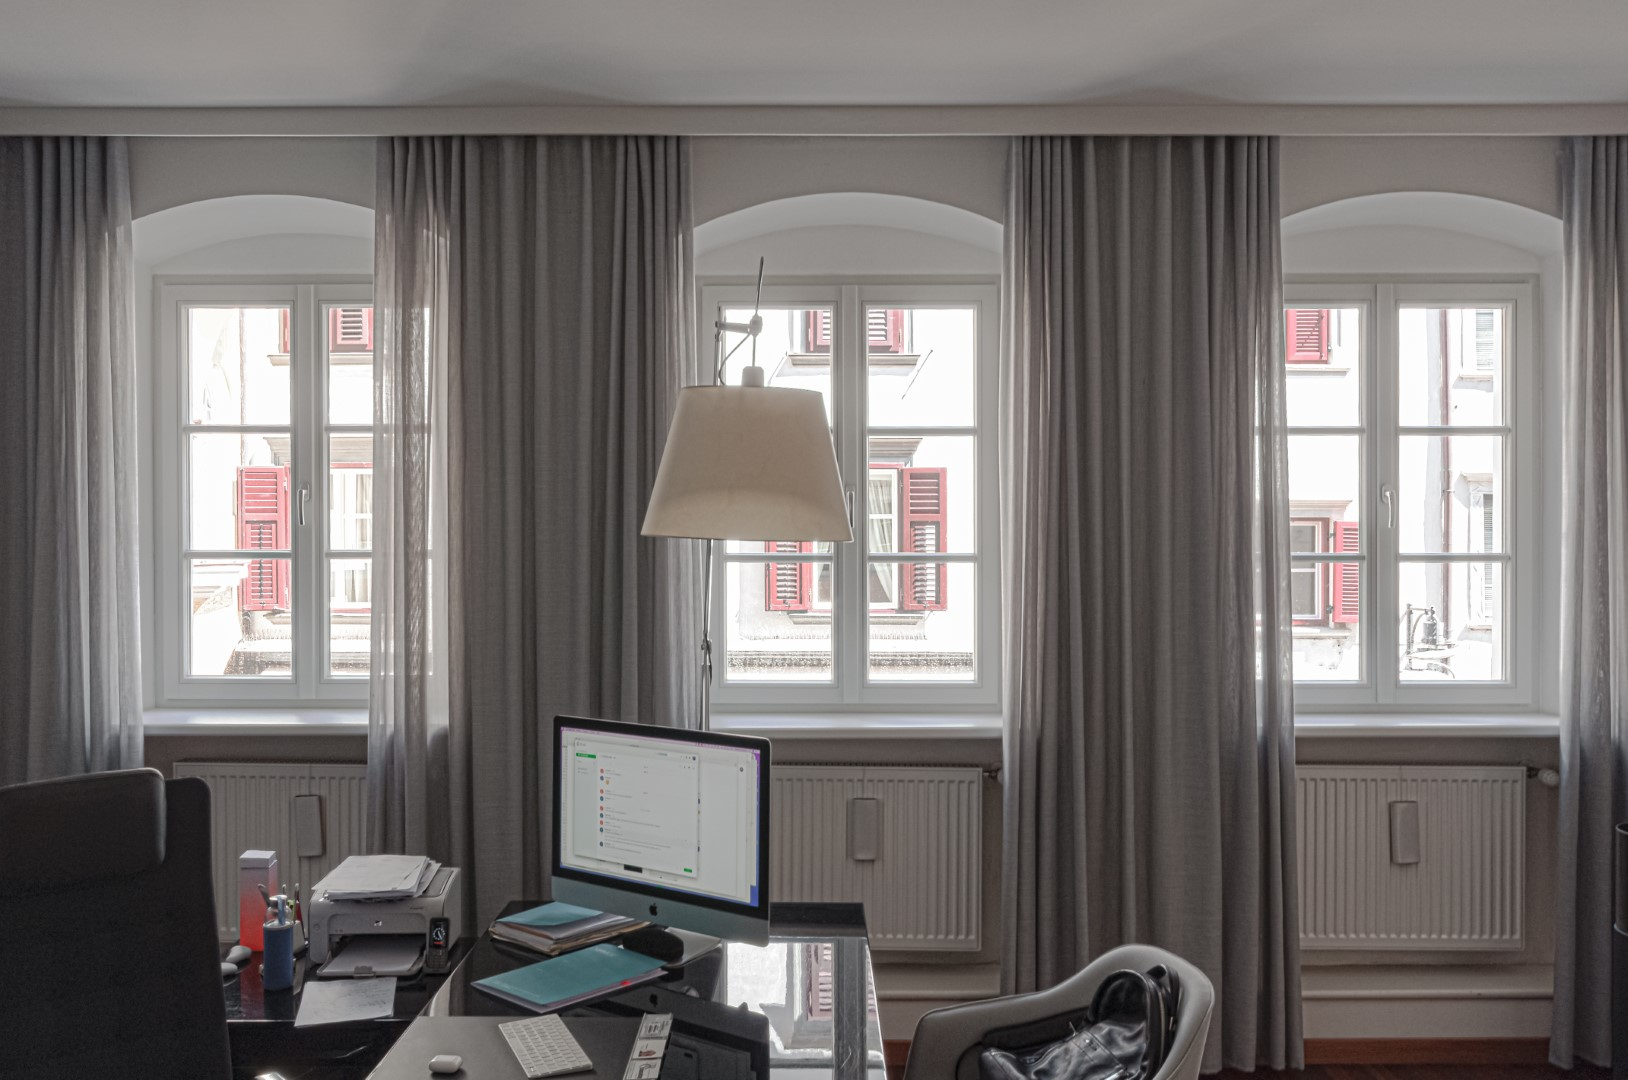 Büro in Stadtmitte Bozen